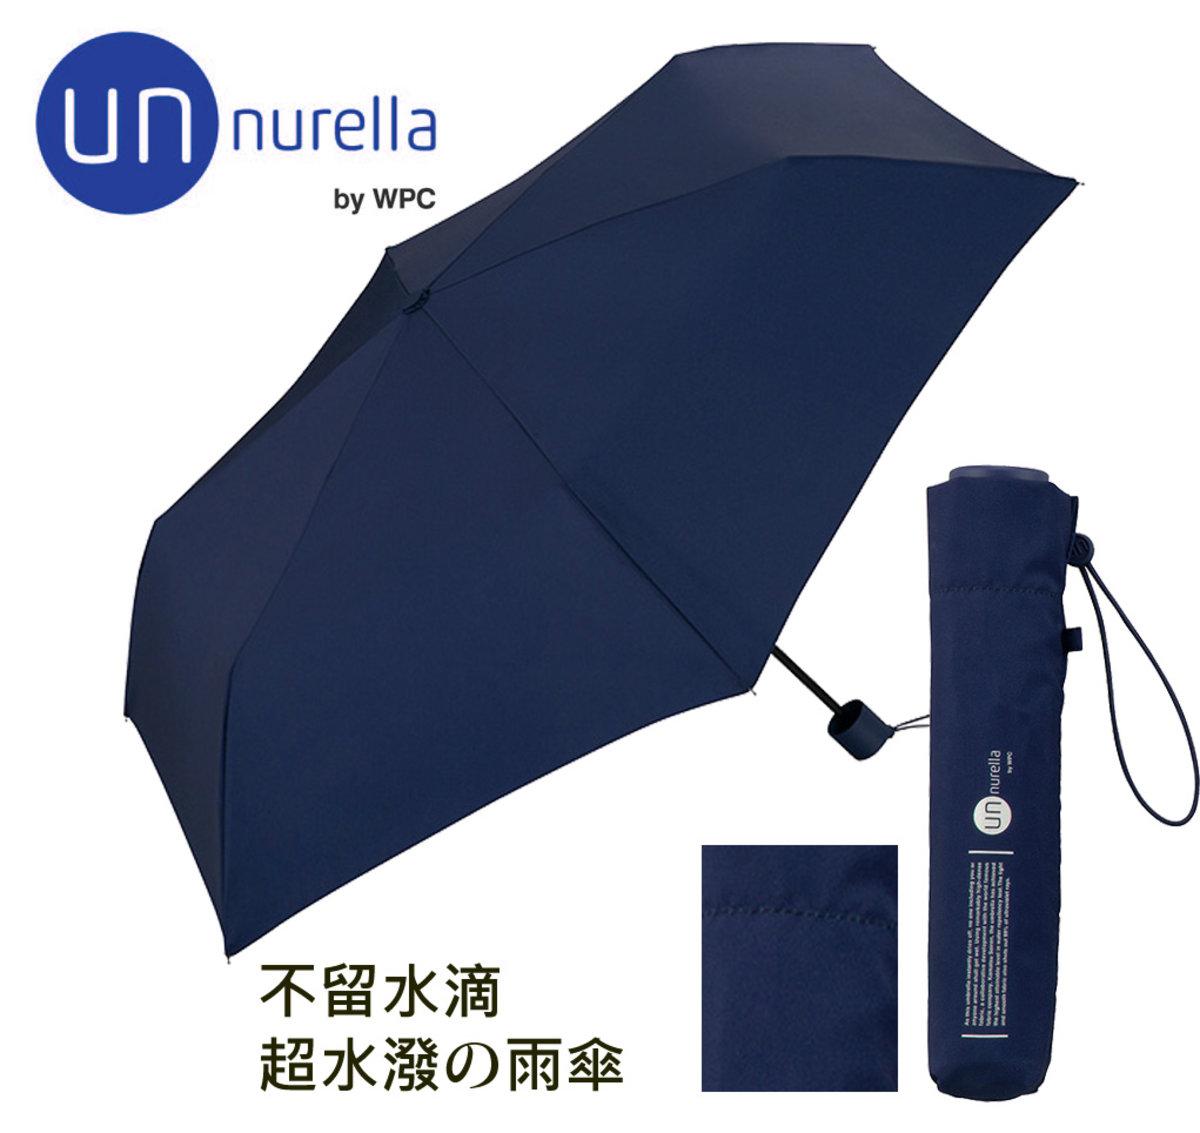 雨水一秒彈開 ‧日本雨傘專家 - 不沾水伸縮雨遮 - 深藍色